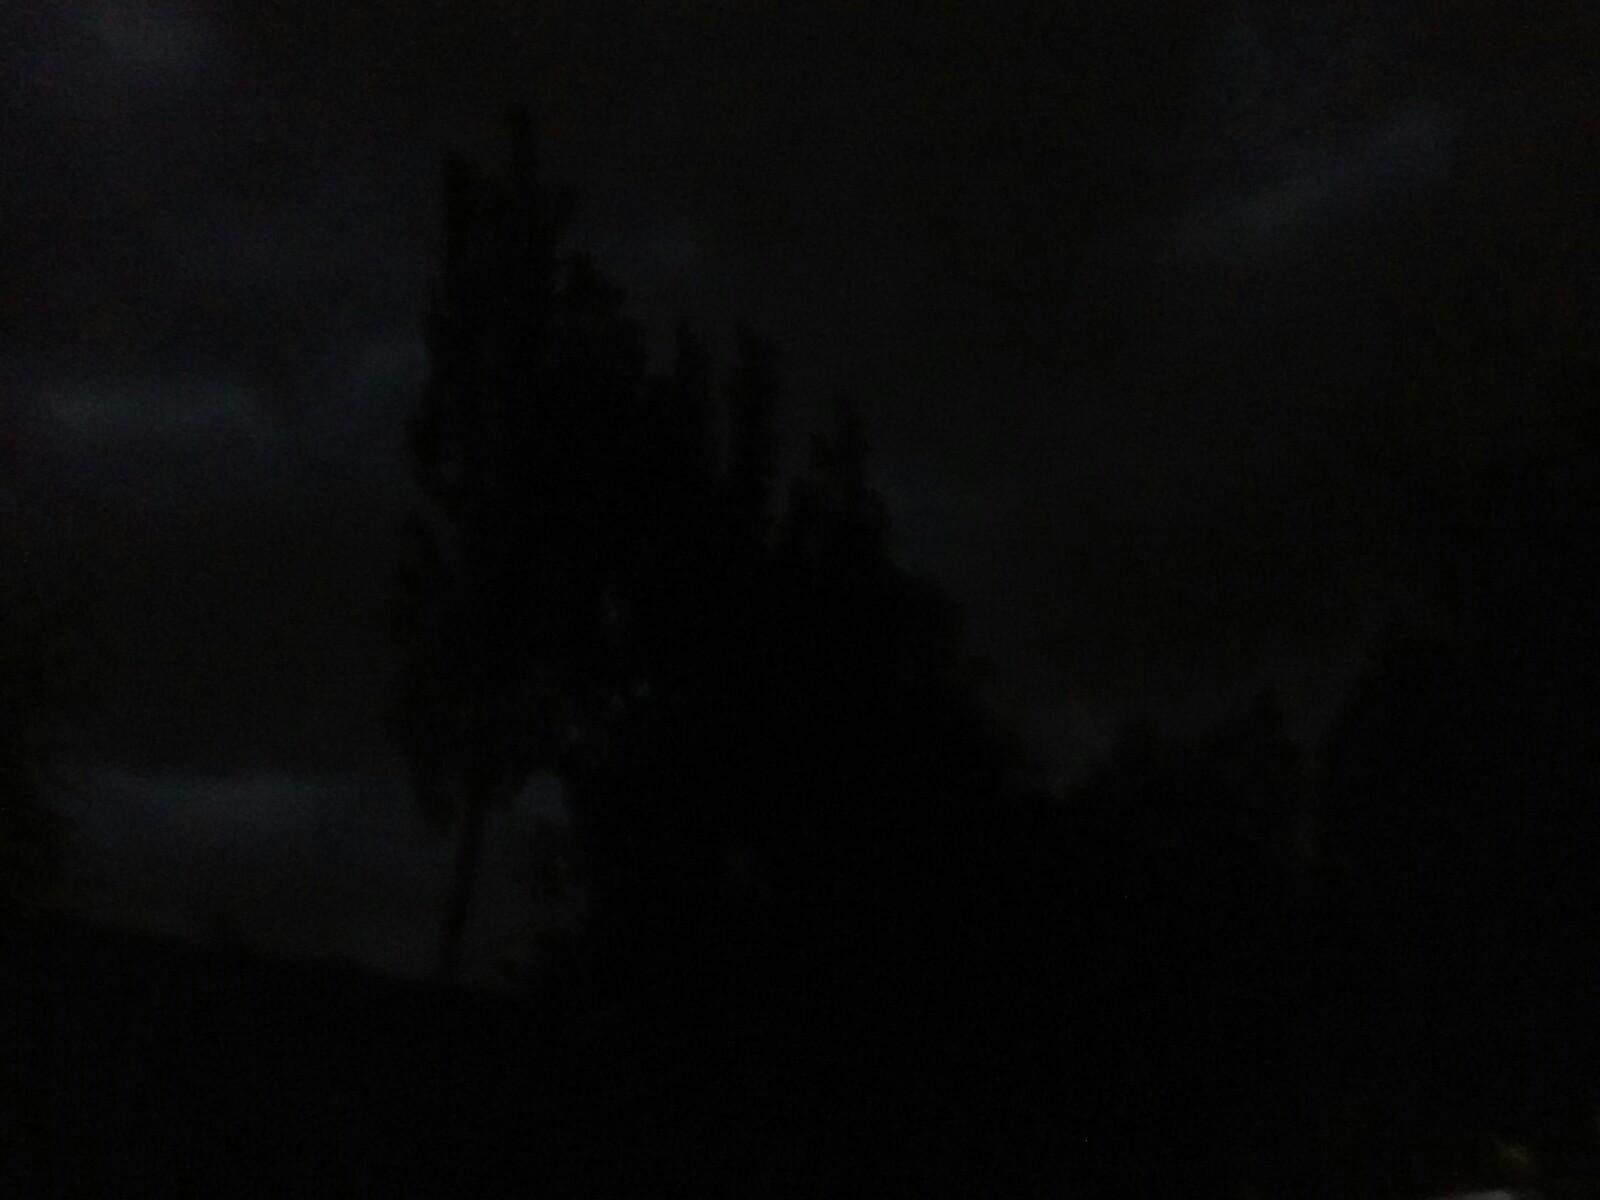 刚刚拍的天的风景,大风刮得真的好爽啊![表情]_帖子图片